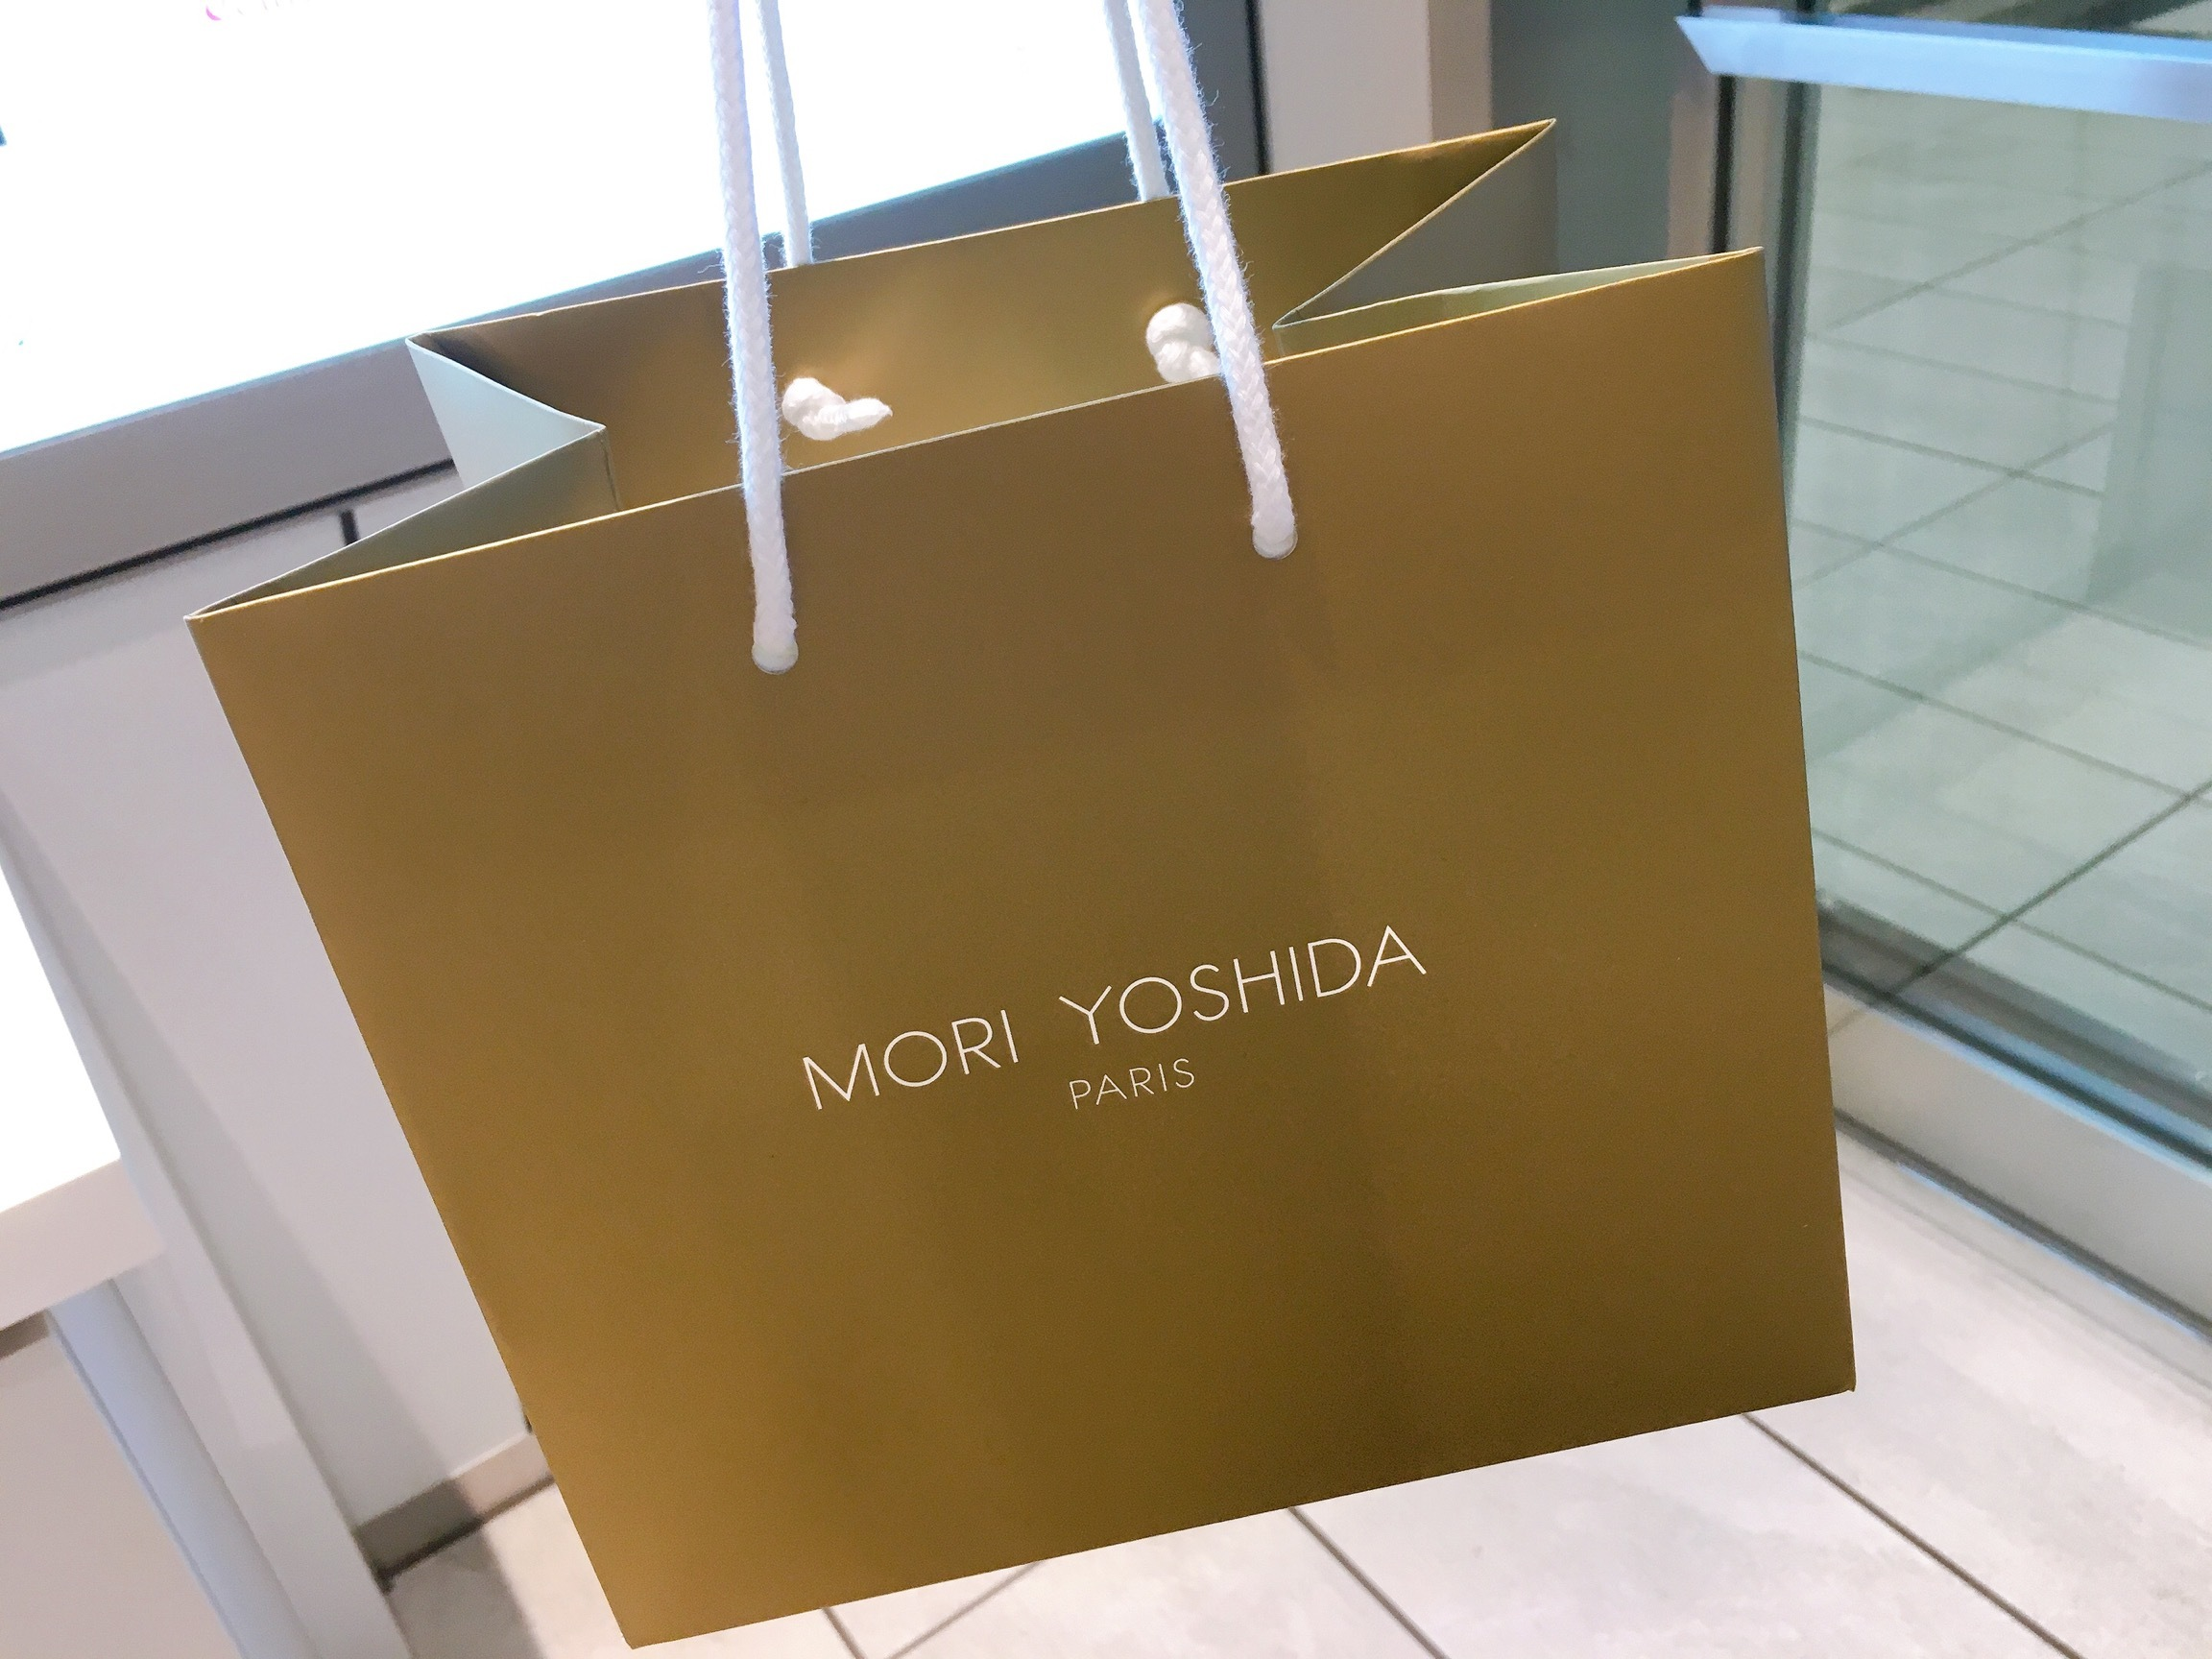 大注目のご褒美ケーキ【MORI YOSHDA】_1_4-2